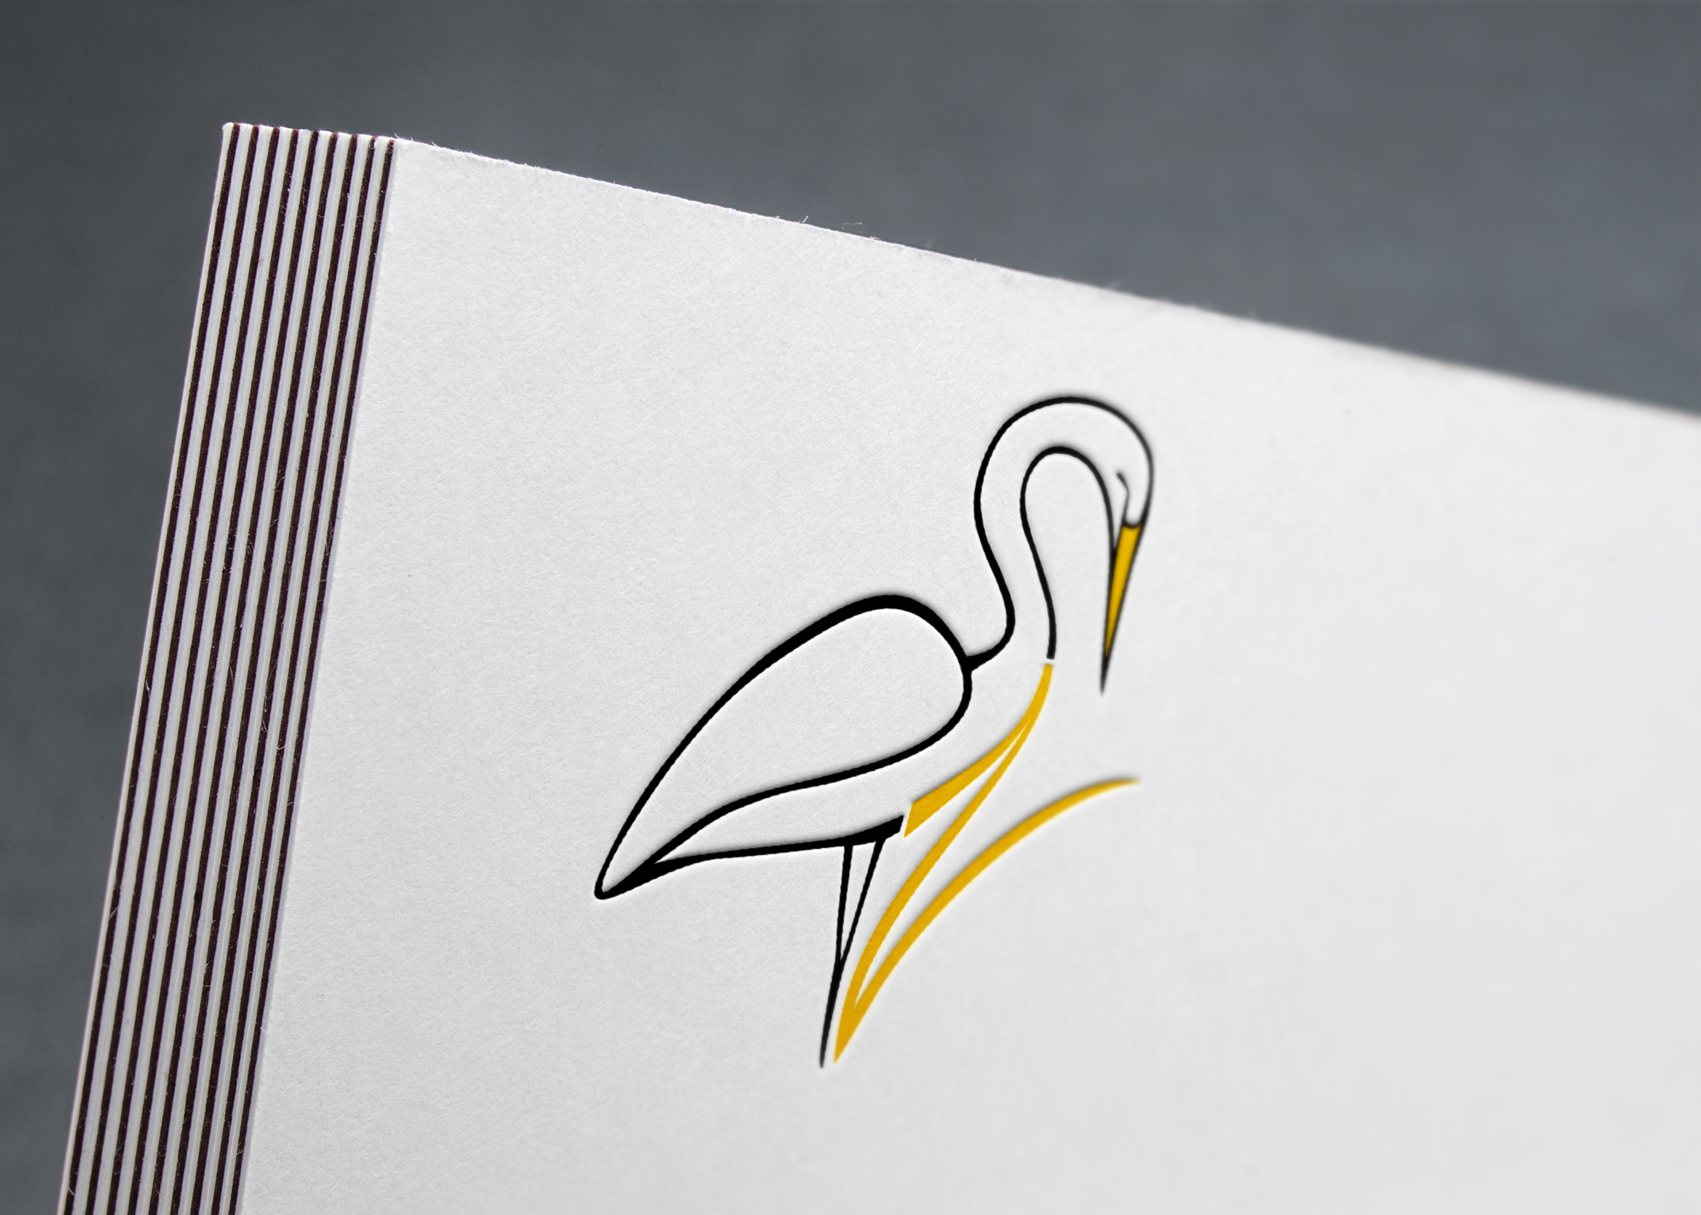 SzZ Madárfotózás logo